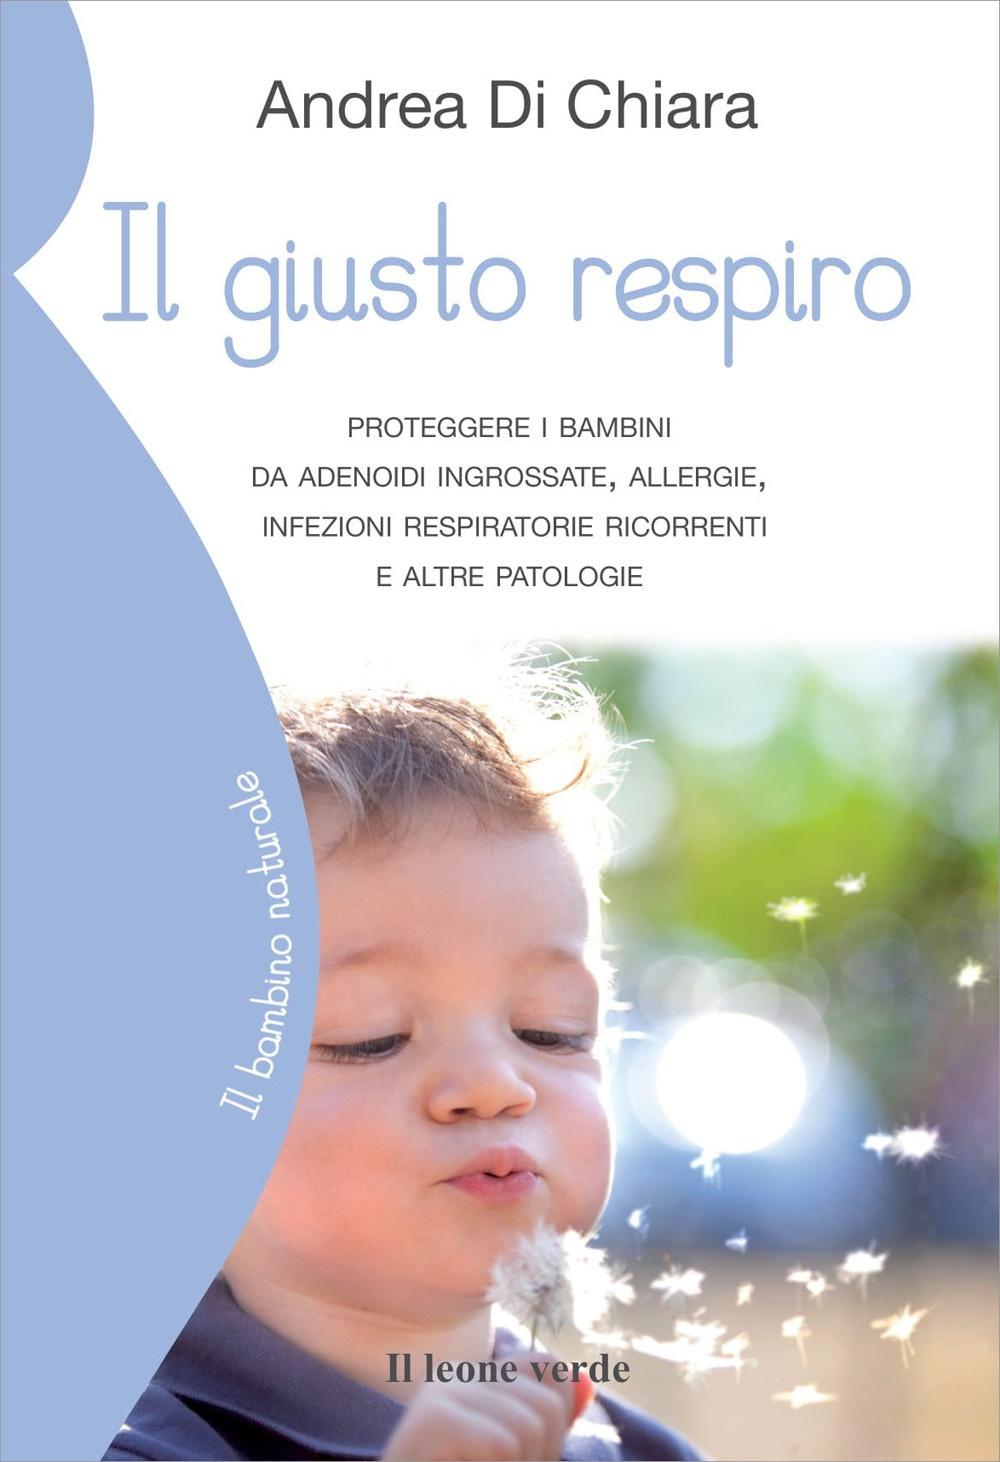 Il giusto respiro. Proteggere i bambini da adenoidi ingrossate, allergie, infezioni respiratorie ricorrenti e altre patologie.